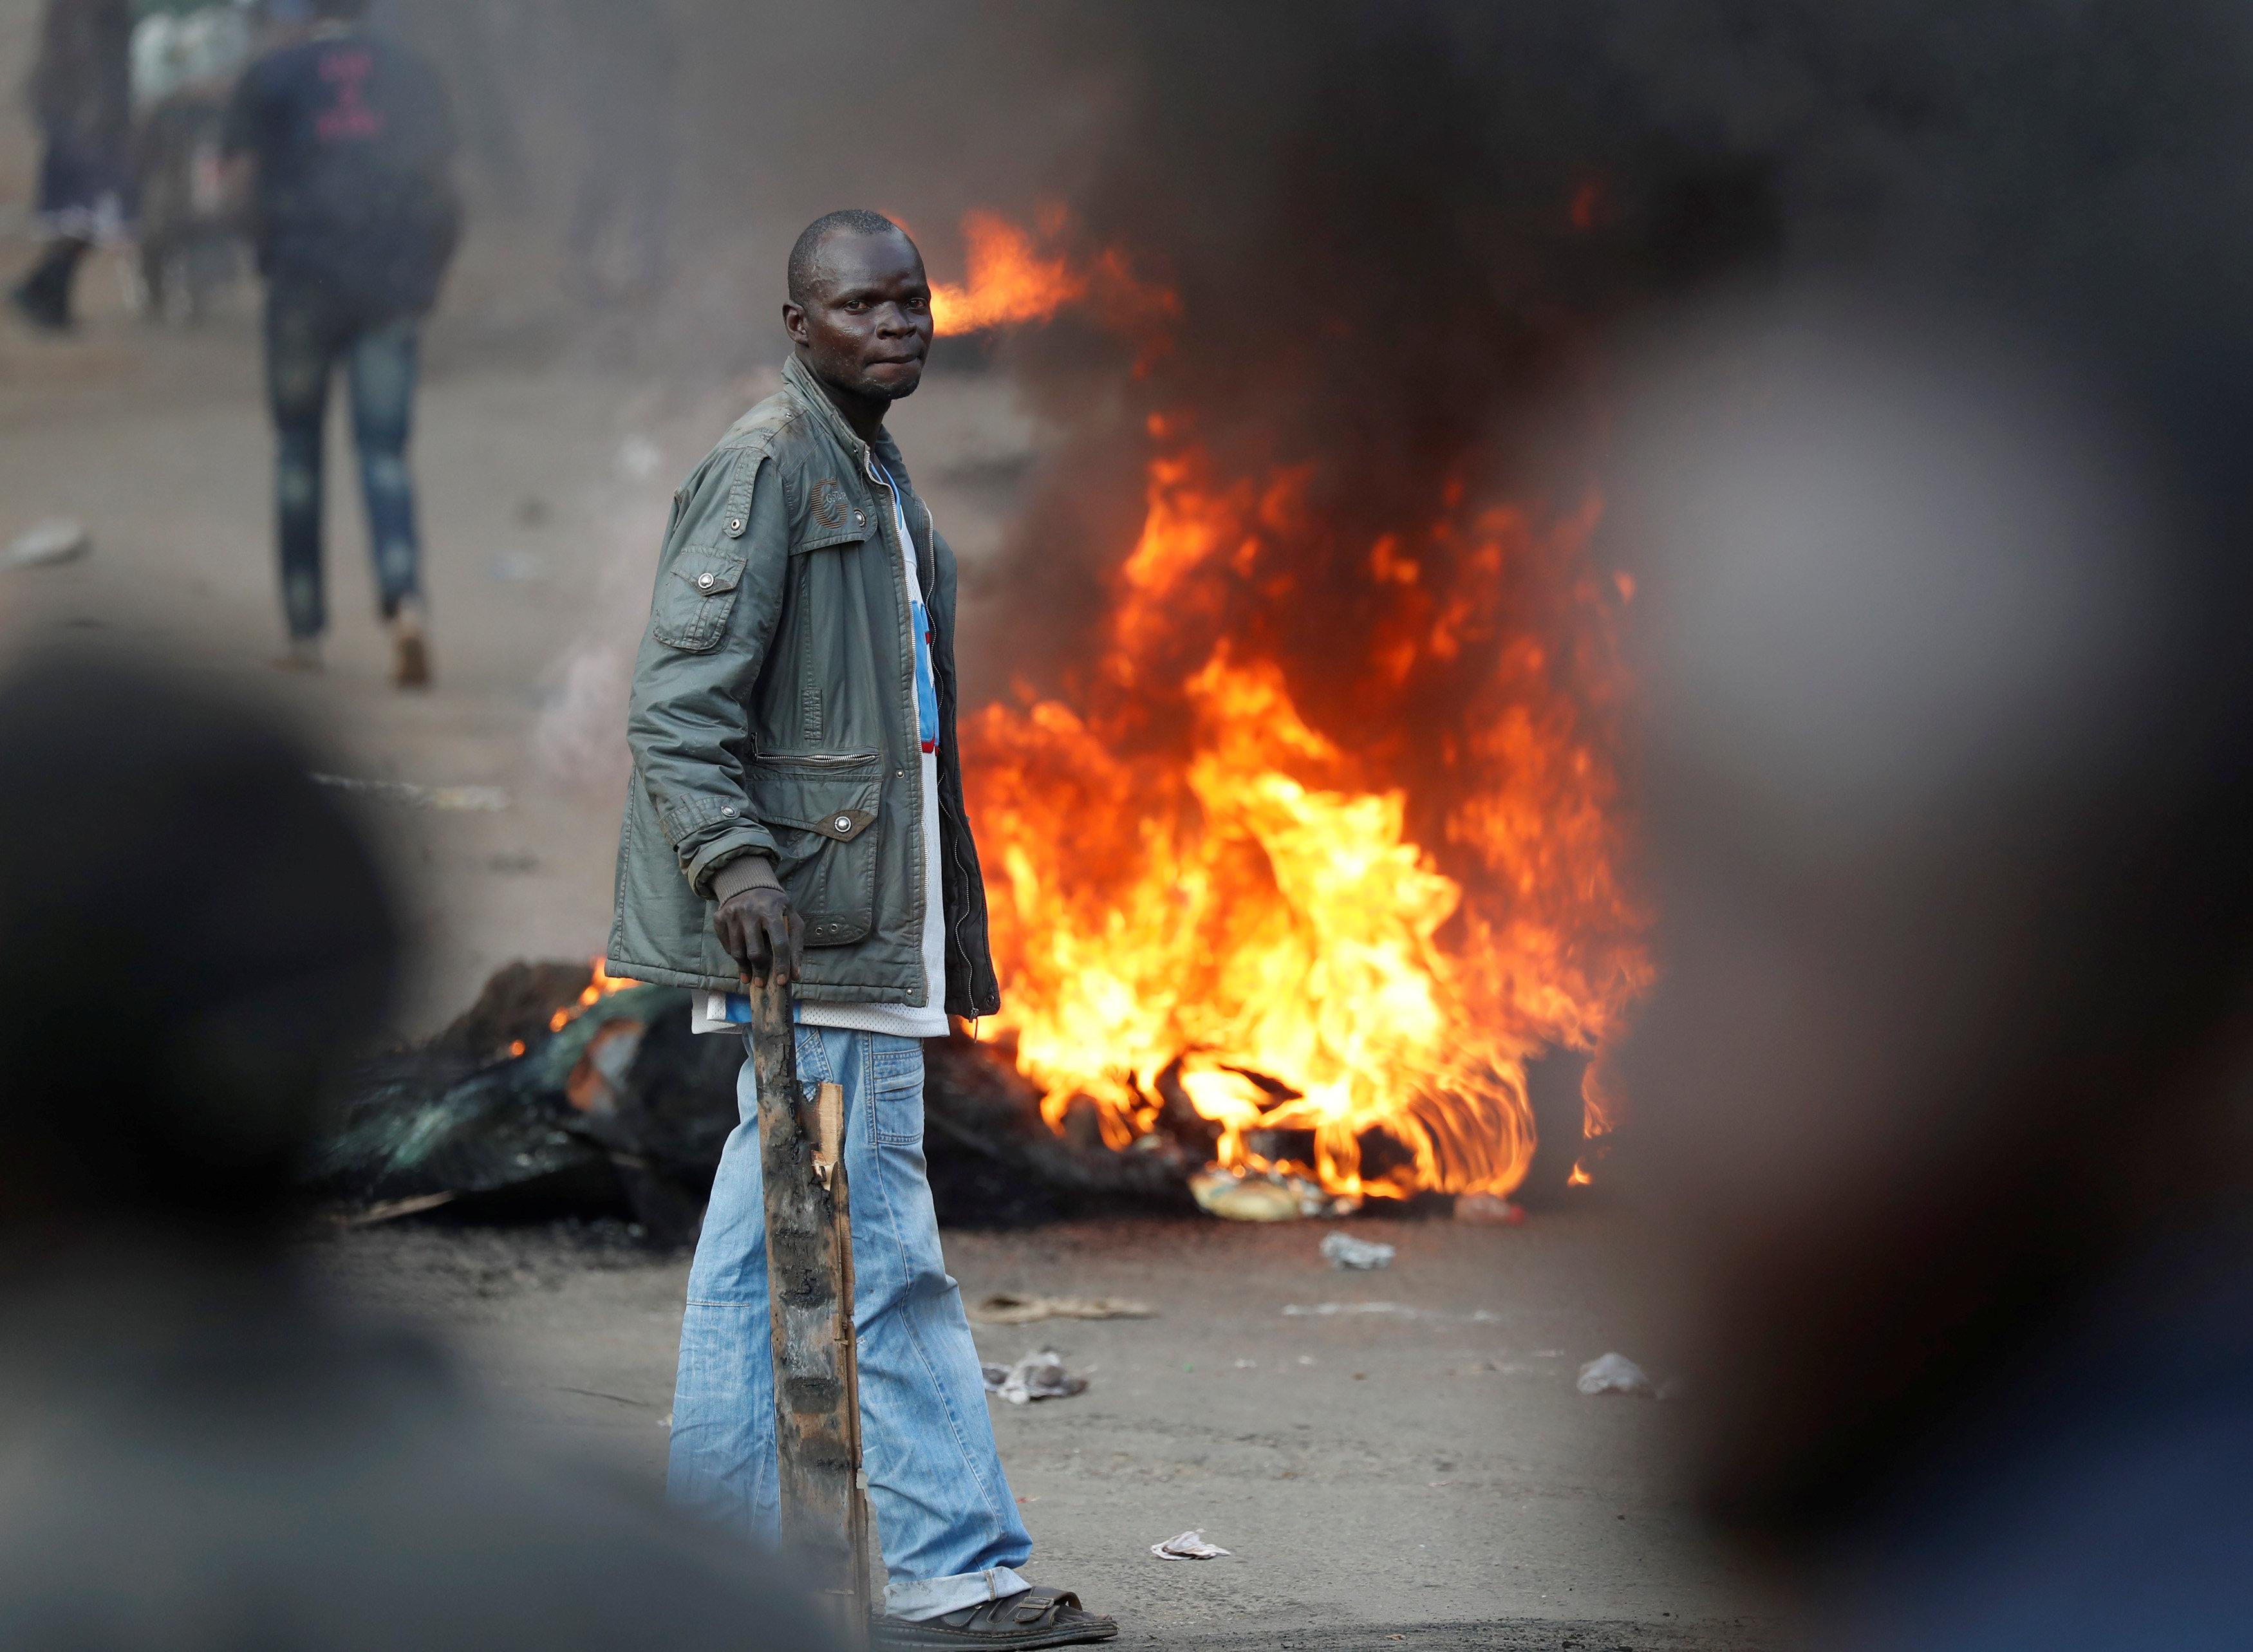 جانب من أعمال العنف